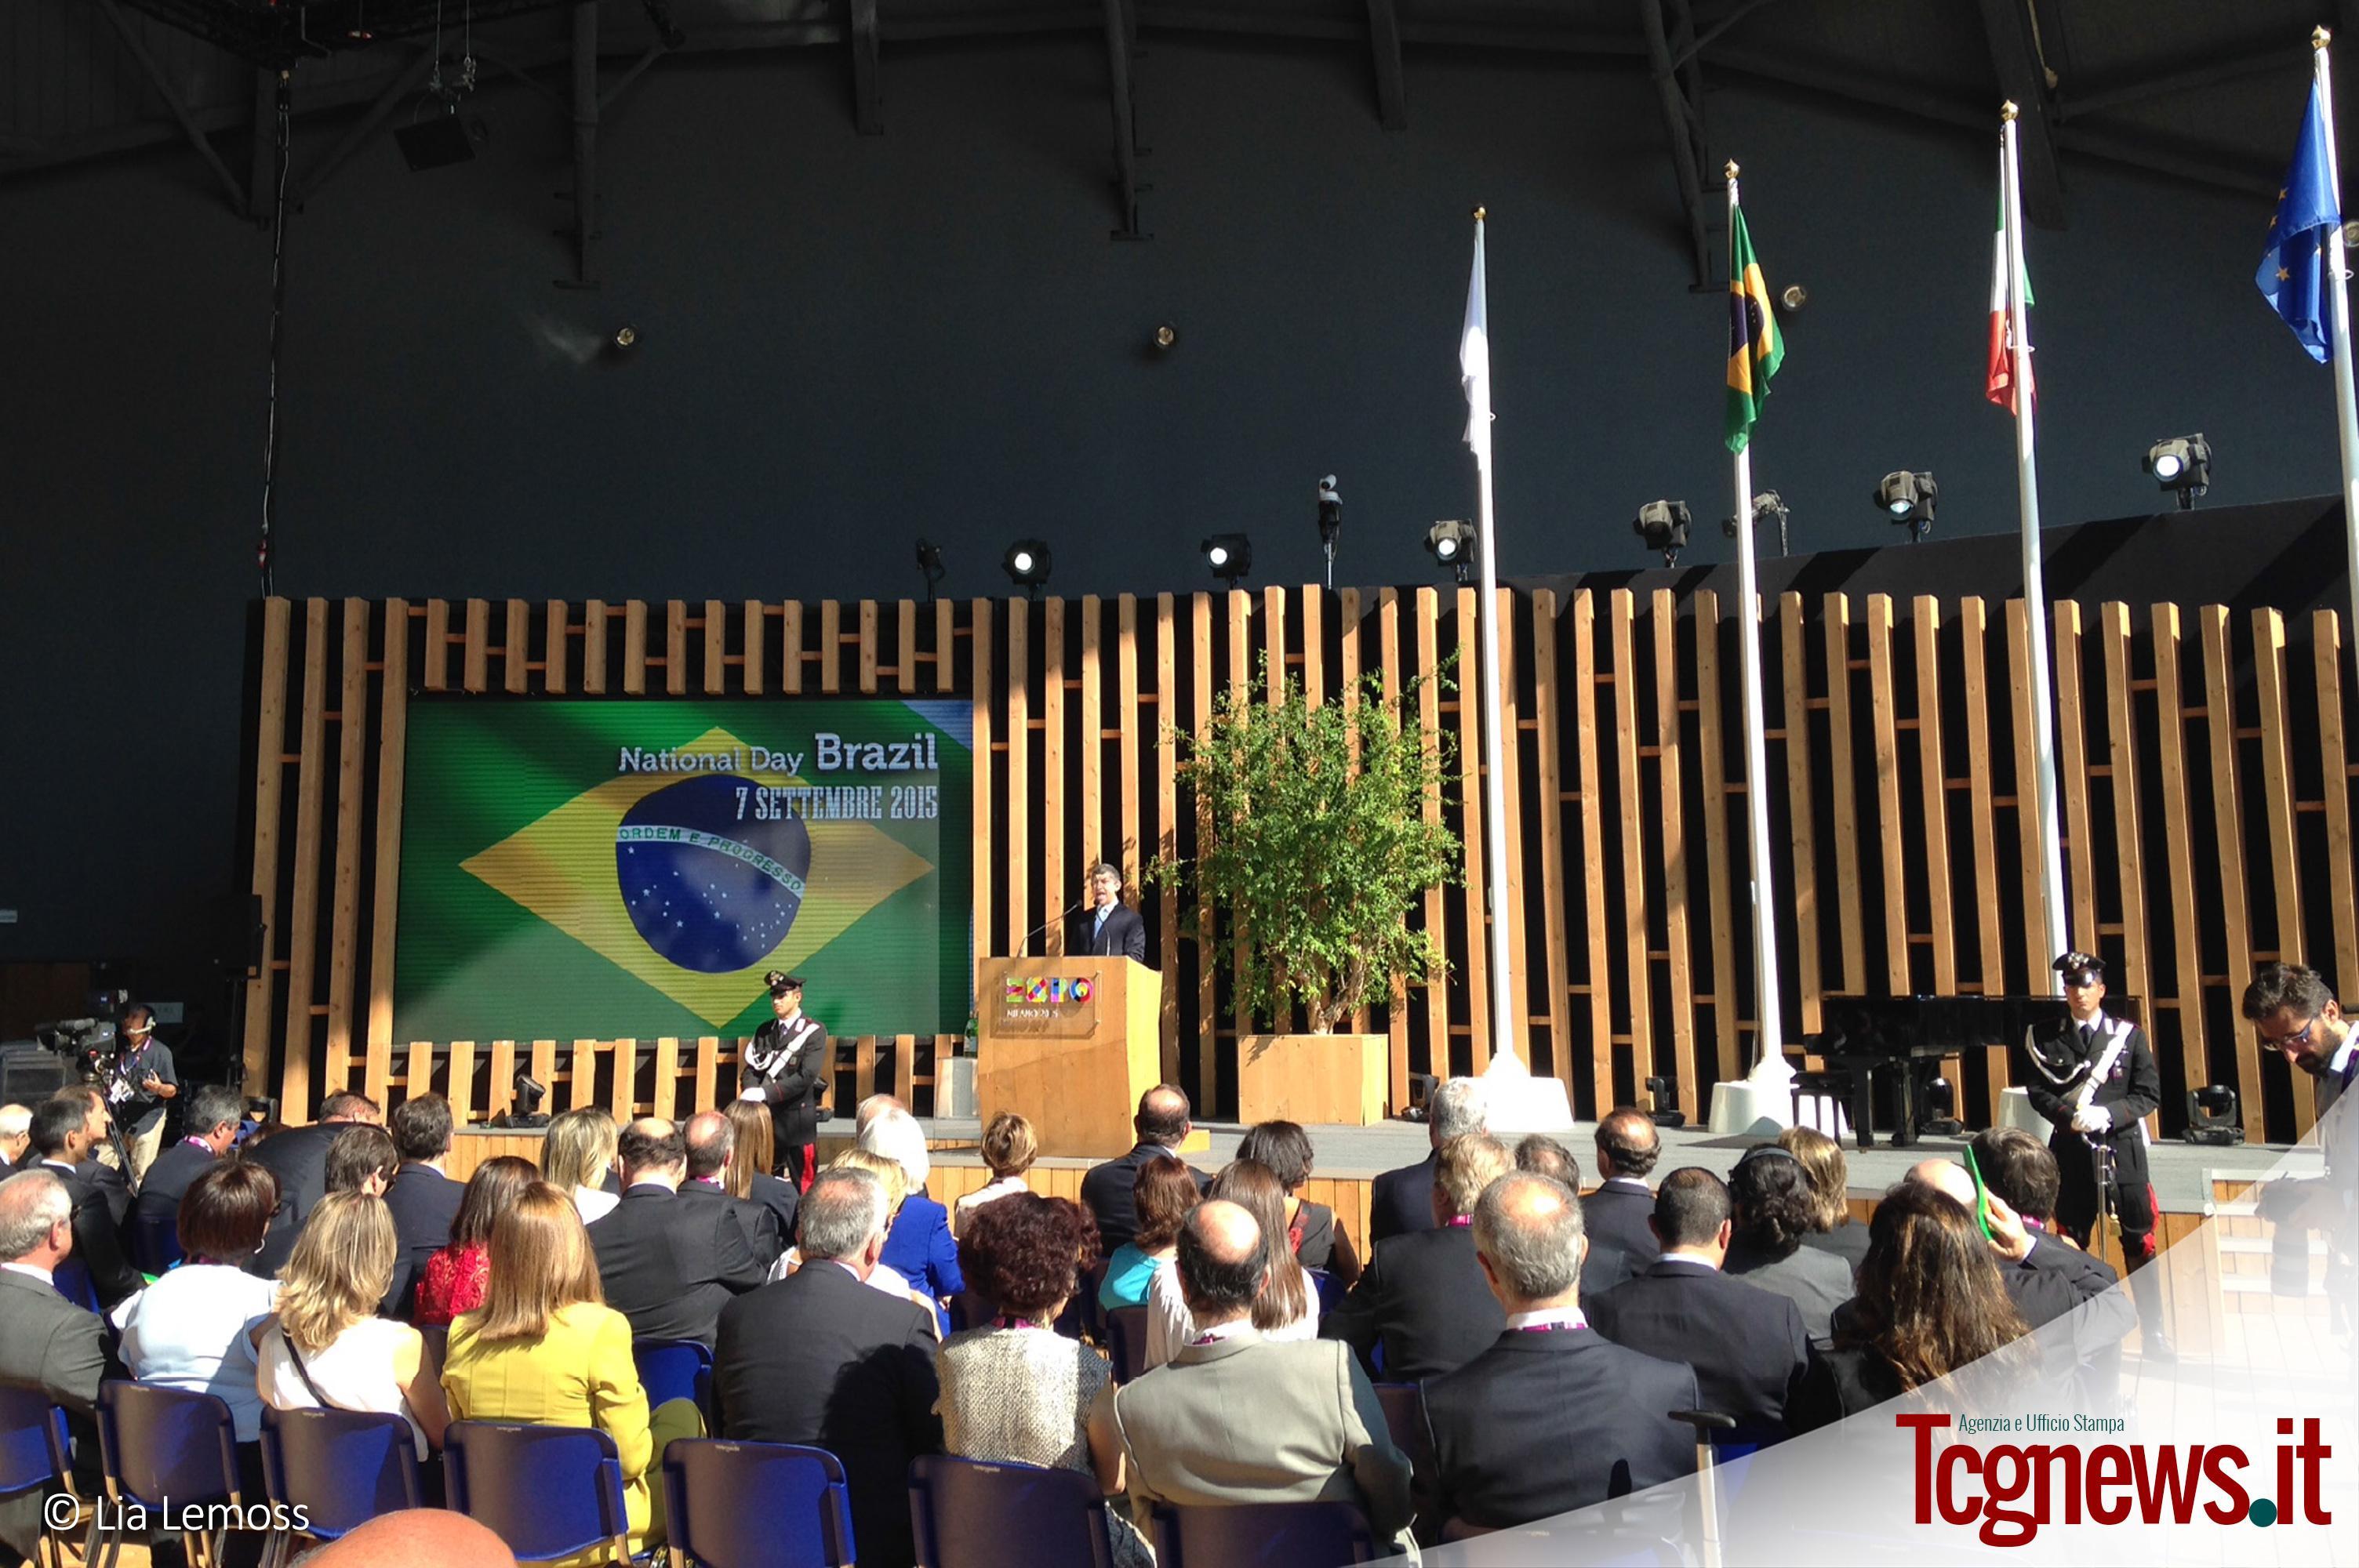 SEMANA DO BRASIL NA EXPO MILÃO 2015